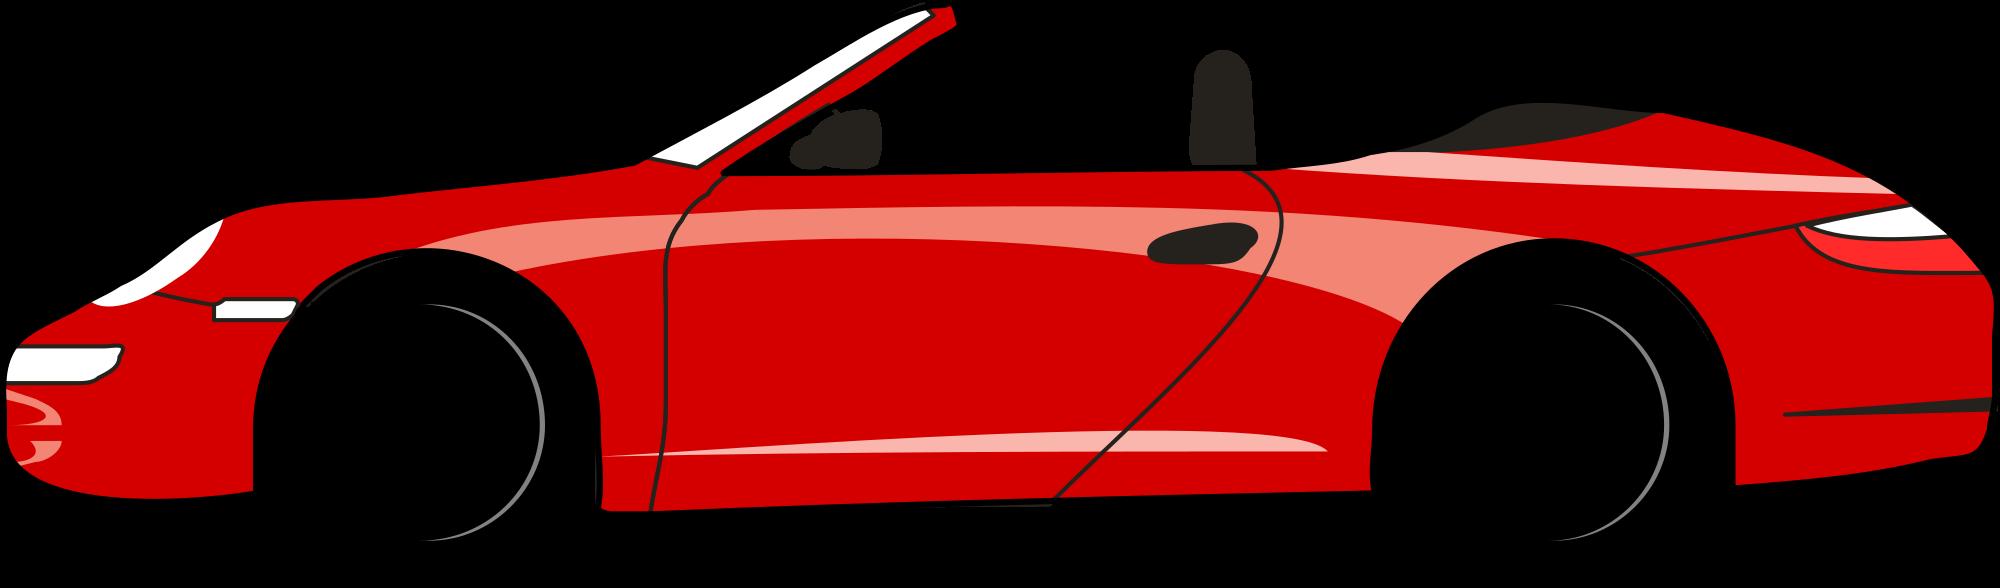 Car clipart #7